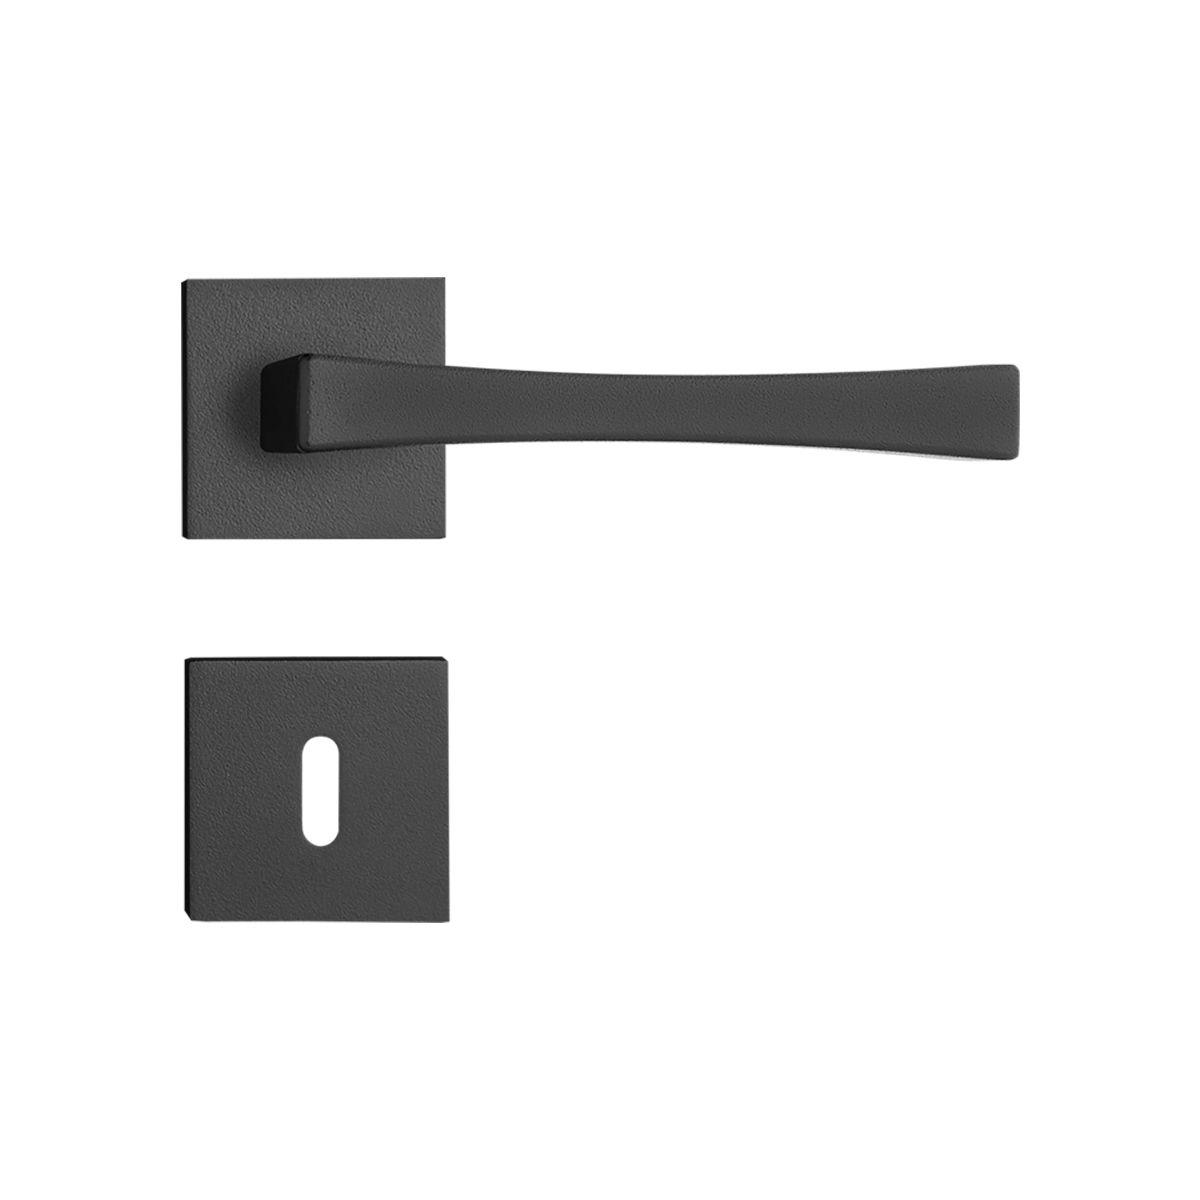 Kit fechadura vivaldi preta 03E 04I 03-3530 07-3025 PF